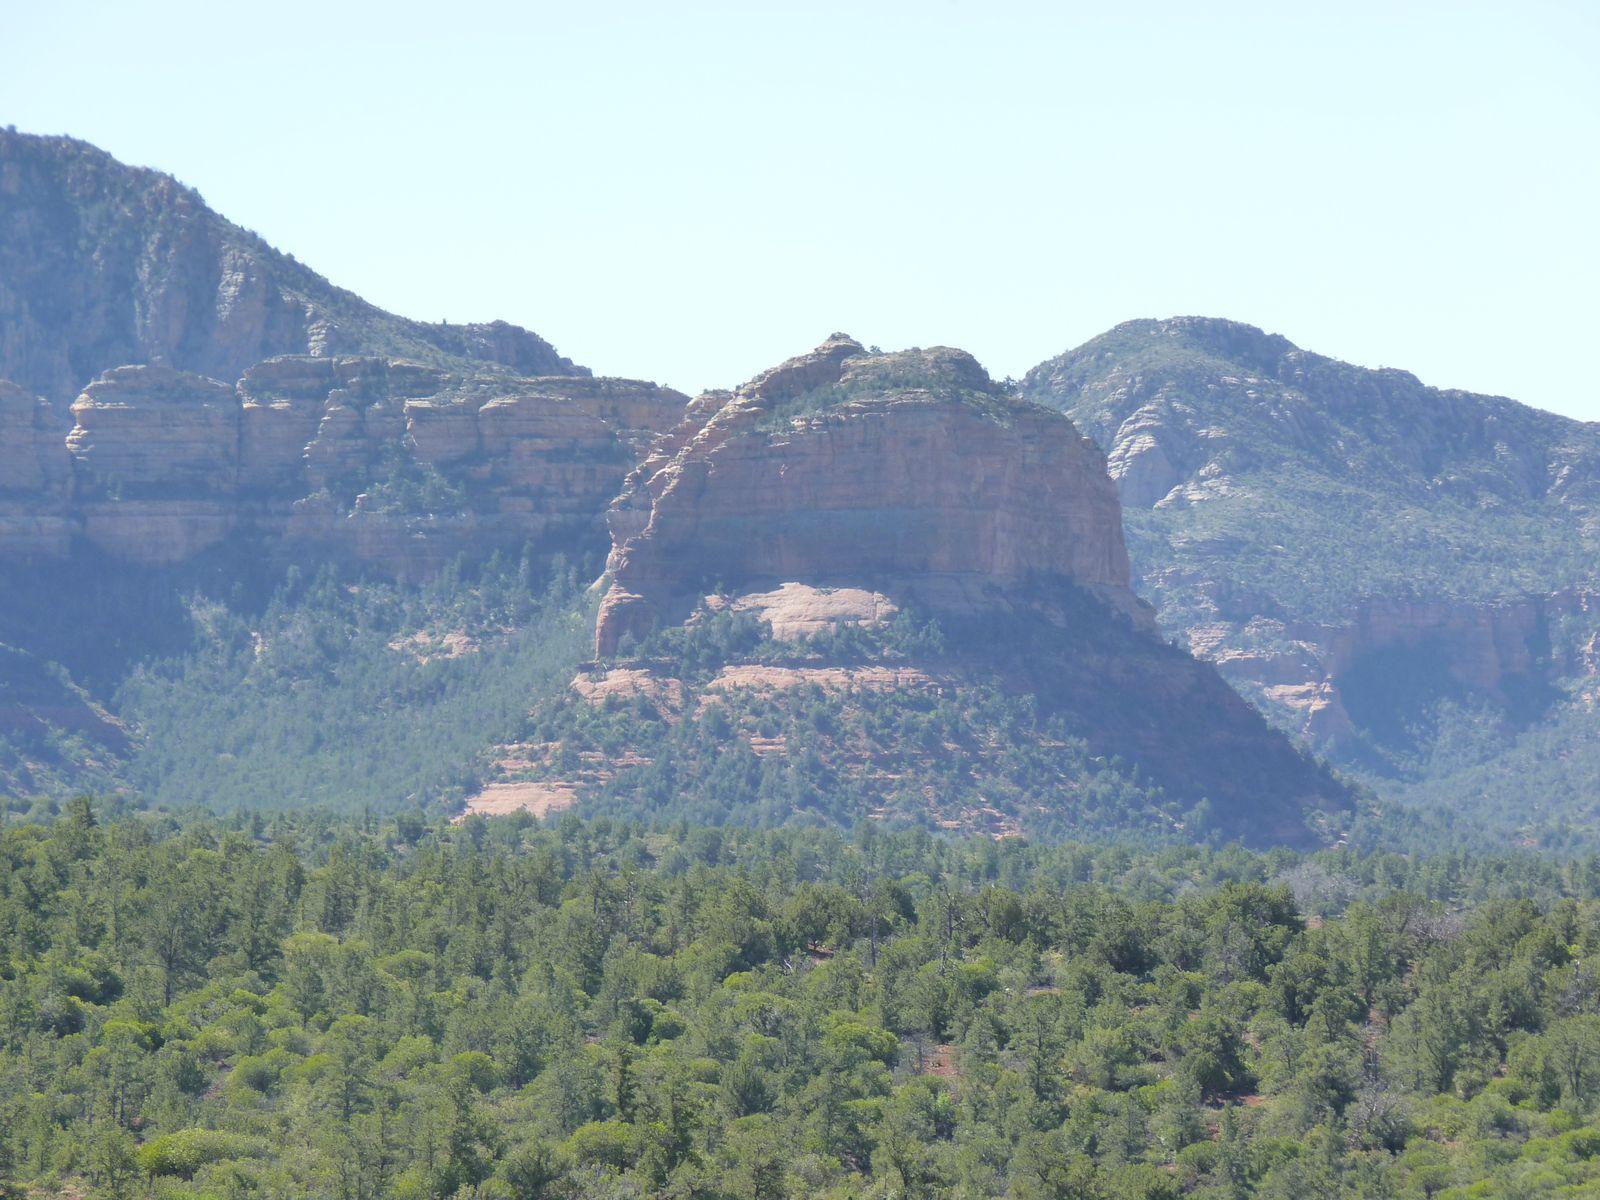 Les différentes roches qui entourent Sedona